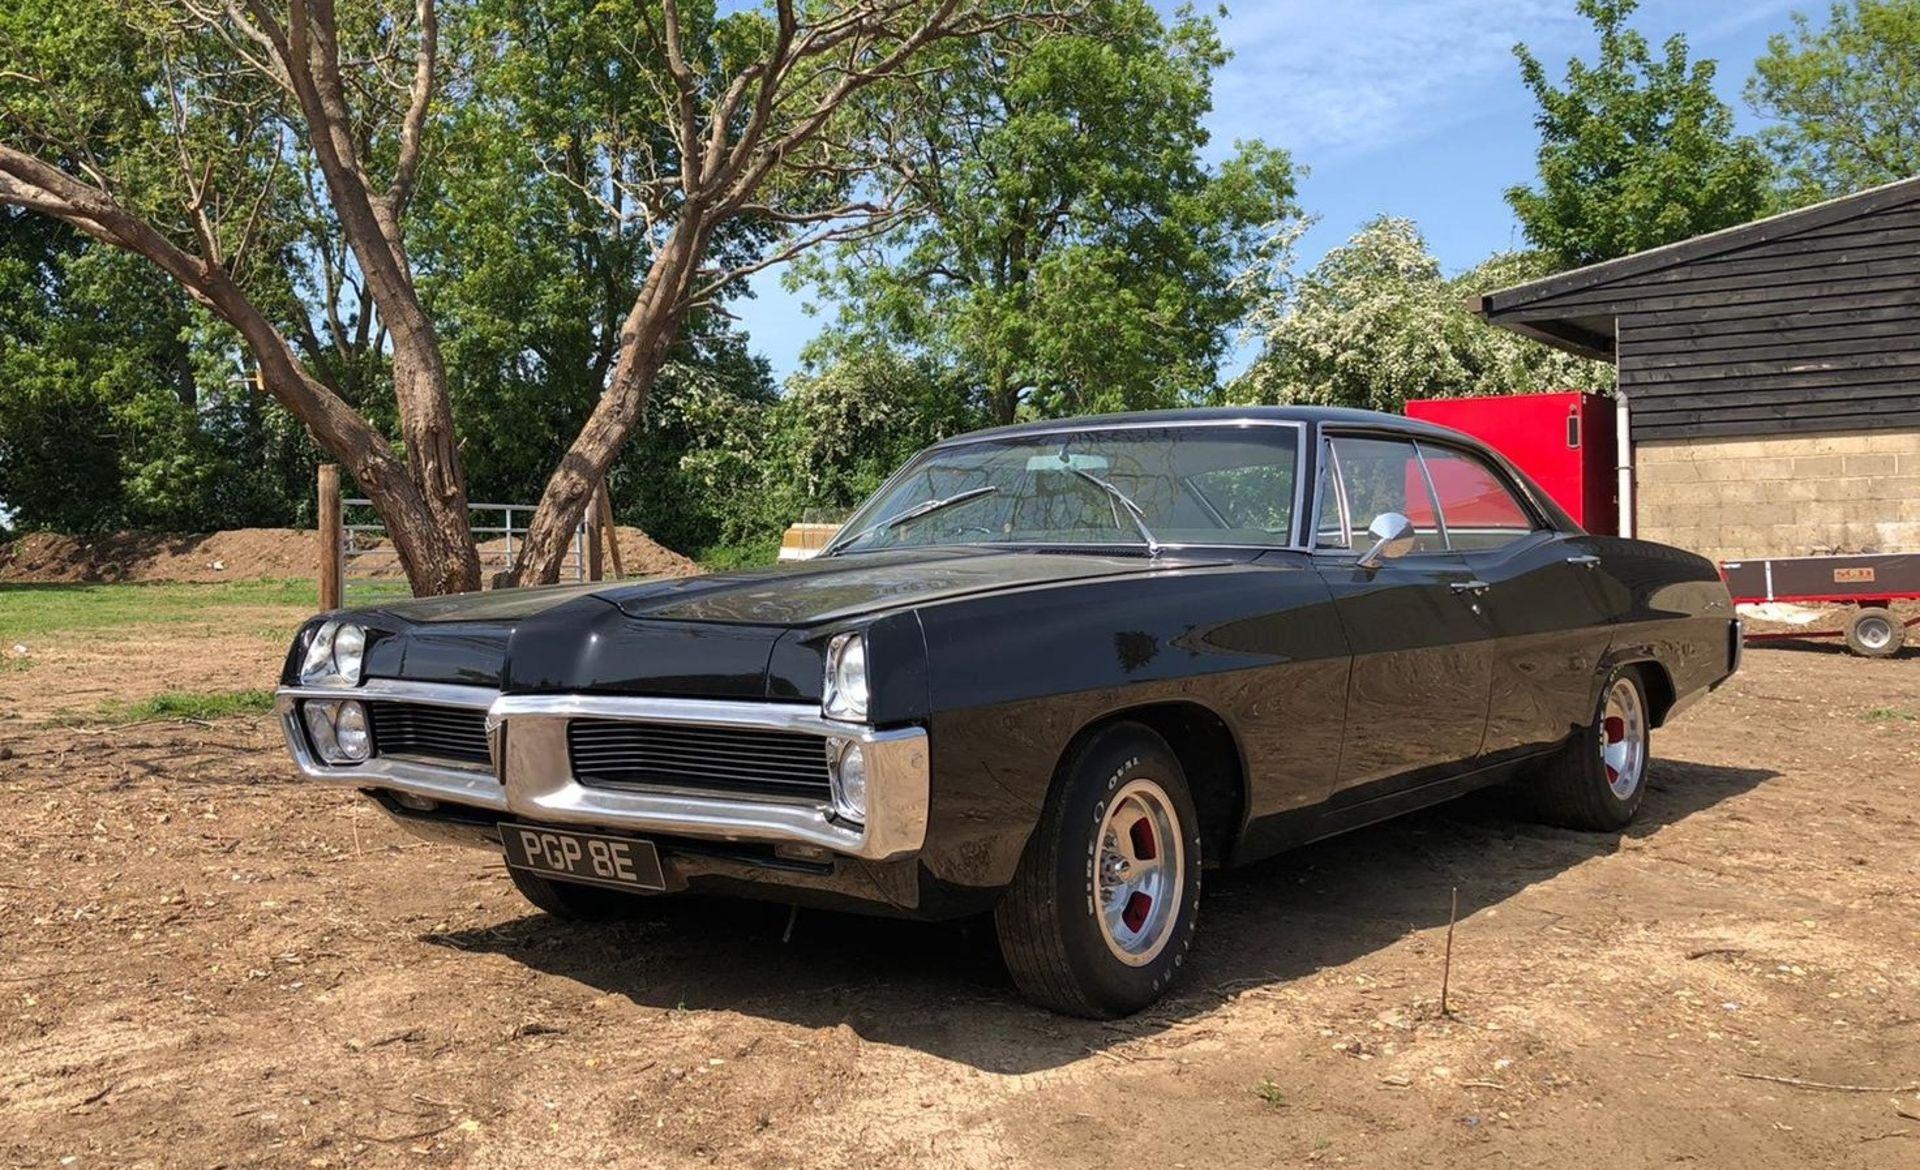 Lot 192 - 1967 Pontiac Parisienne